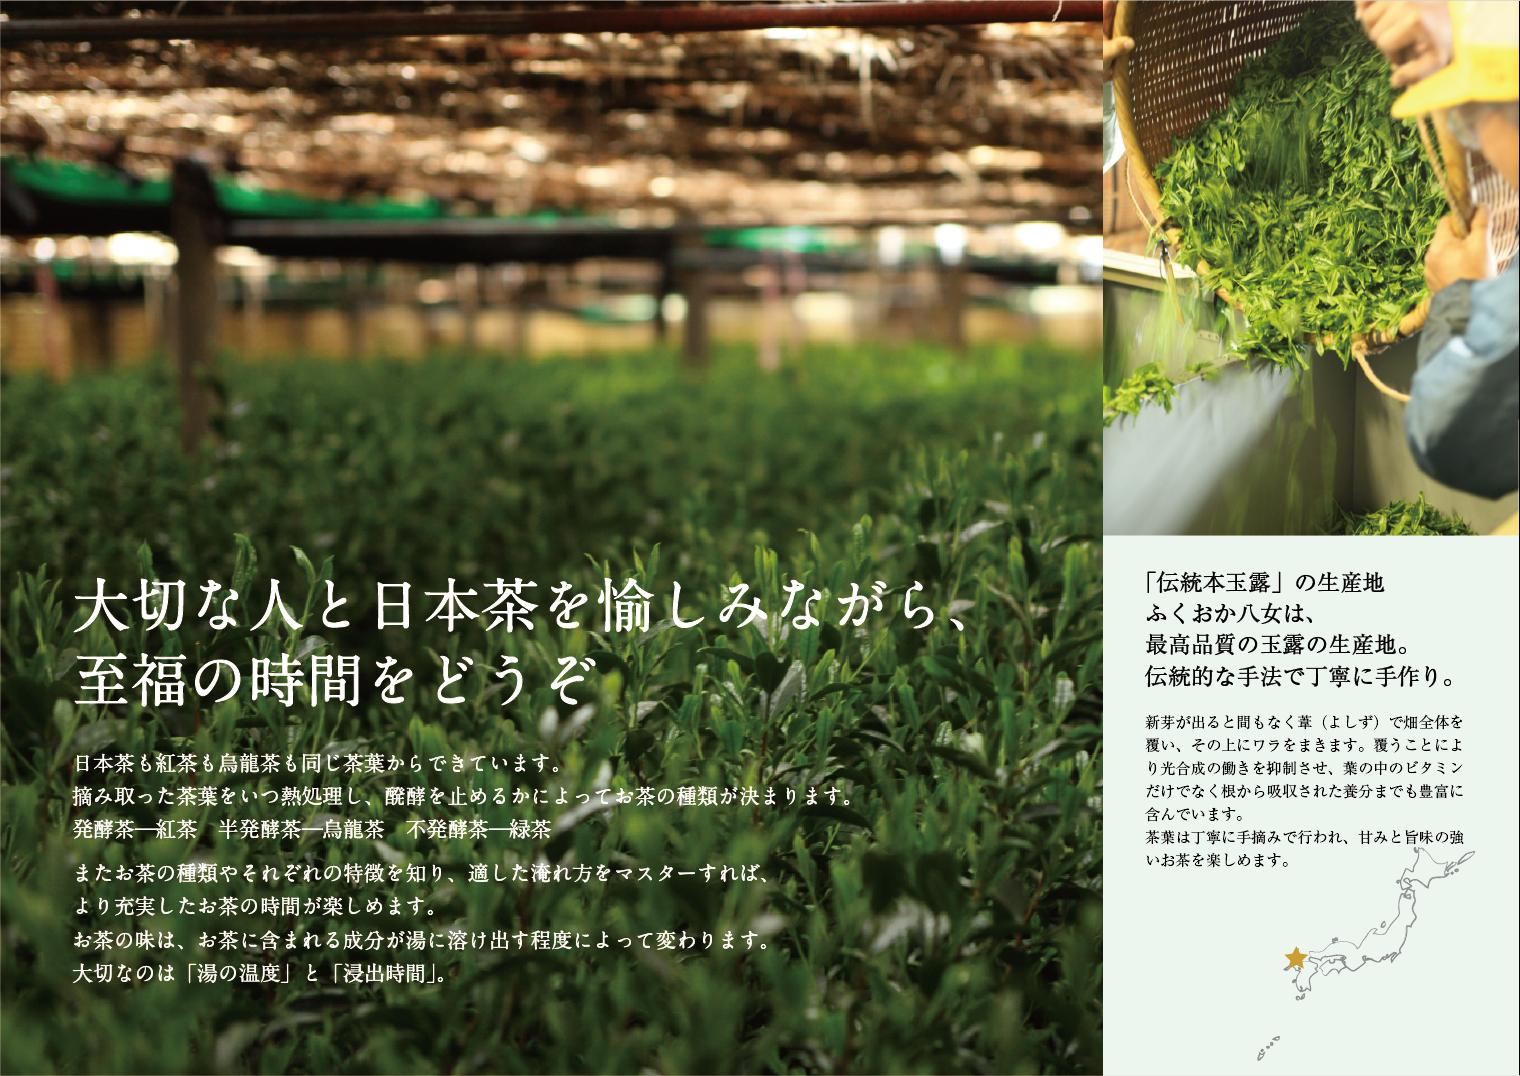 minoru_oyatsu_menu_171127_02-1.png